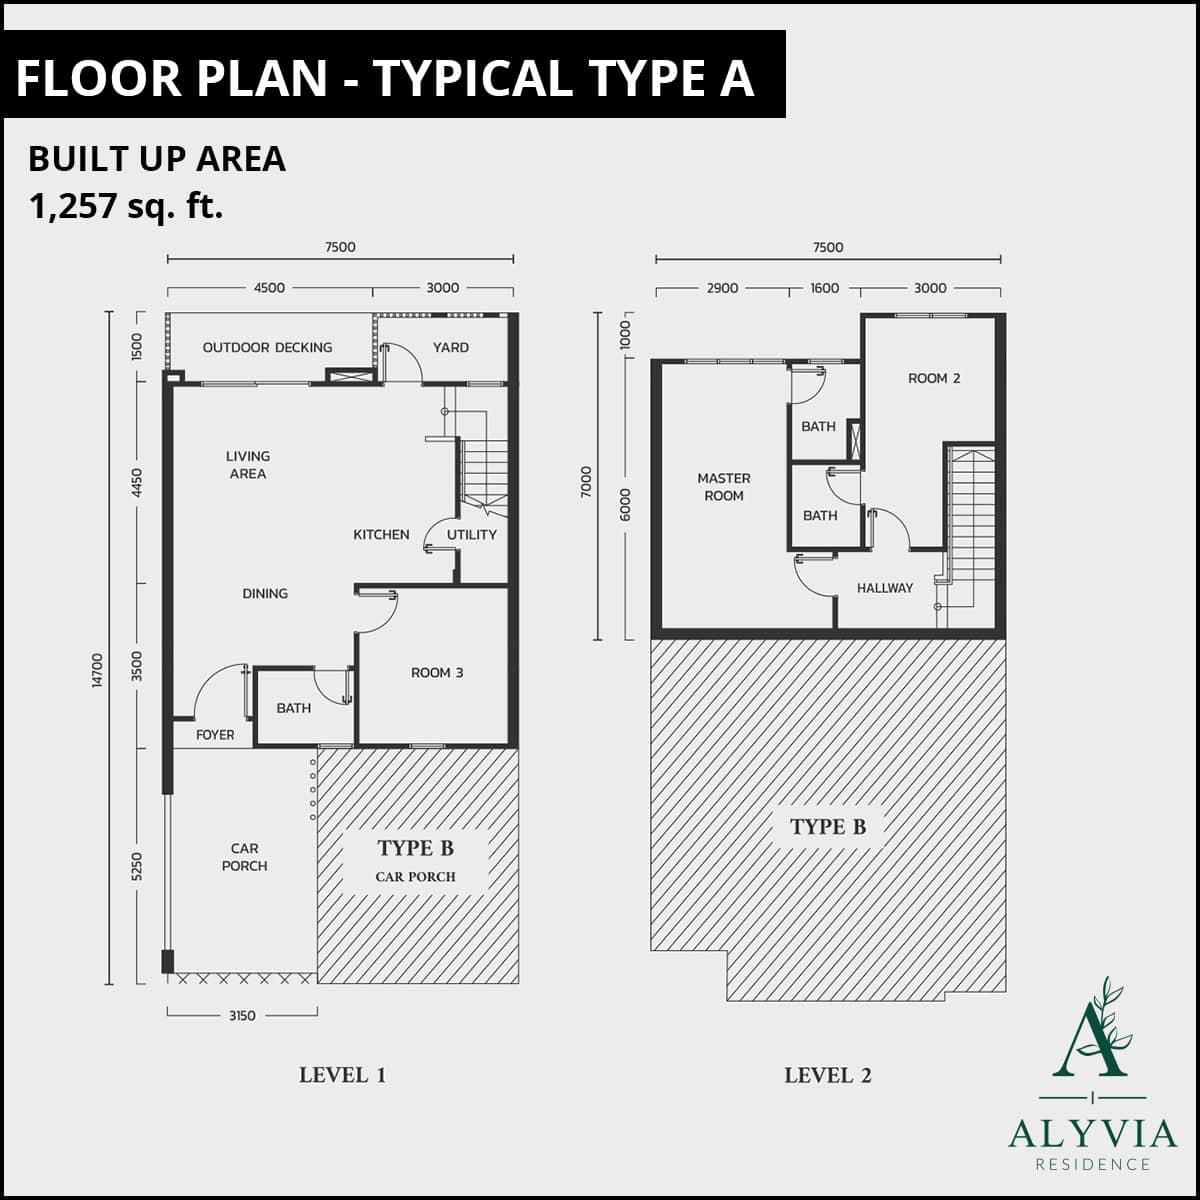 https://the-northbank.com/wp-content/uploads/2020/03/alyvia-floorplan-typeA.jpg